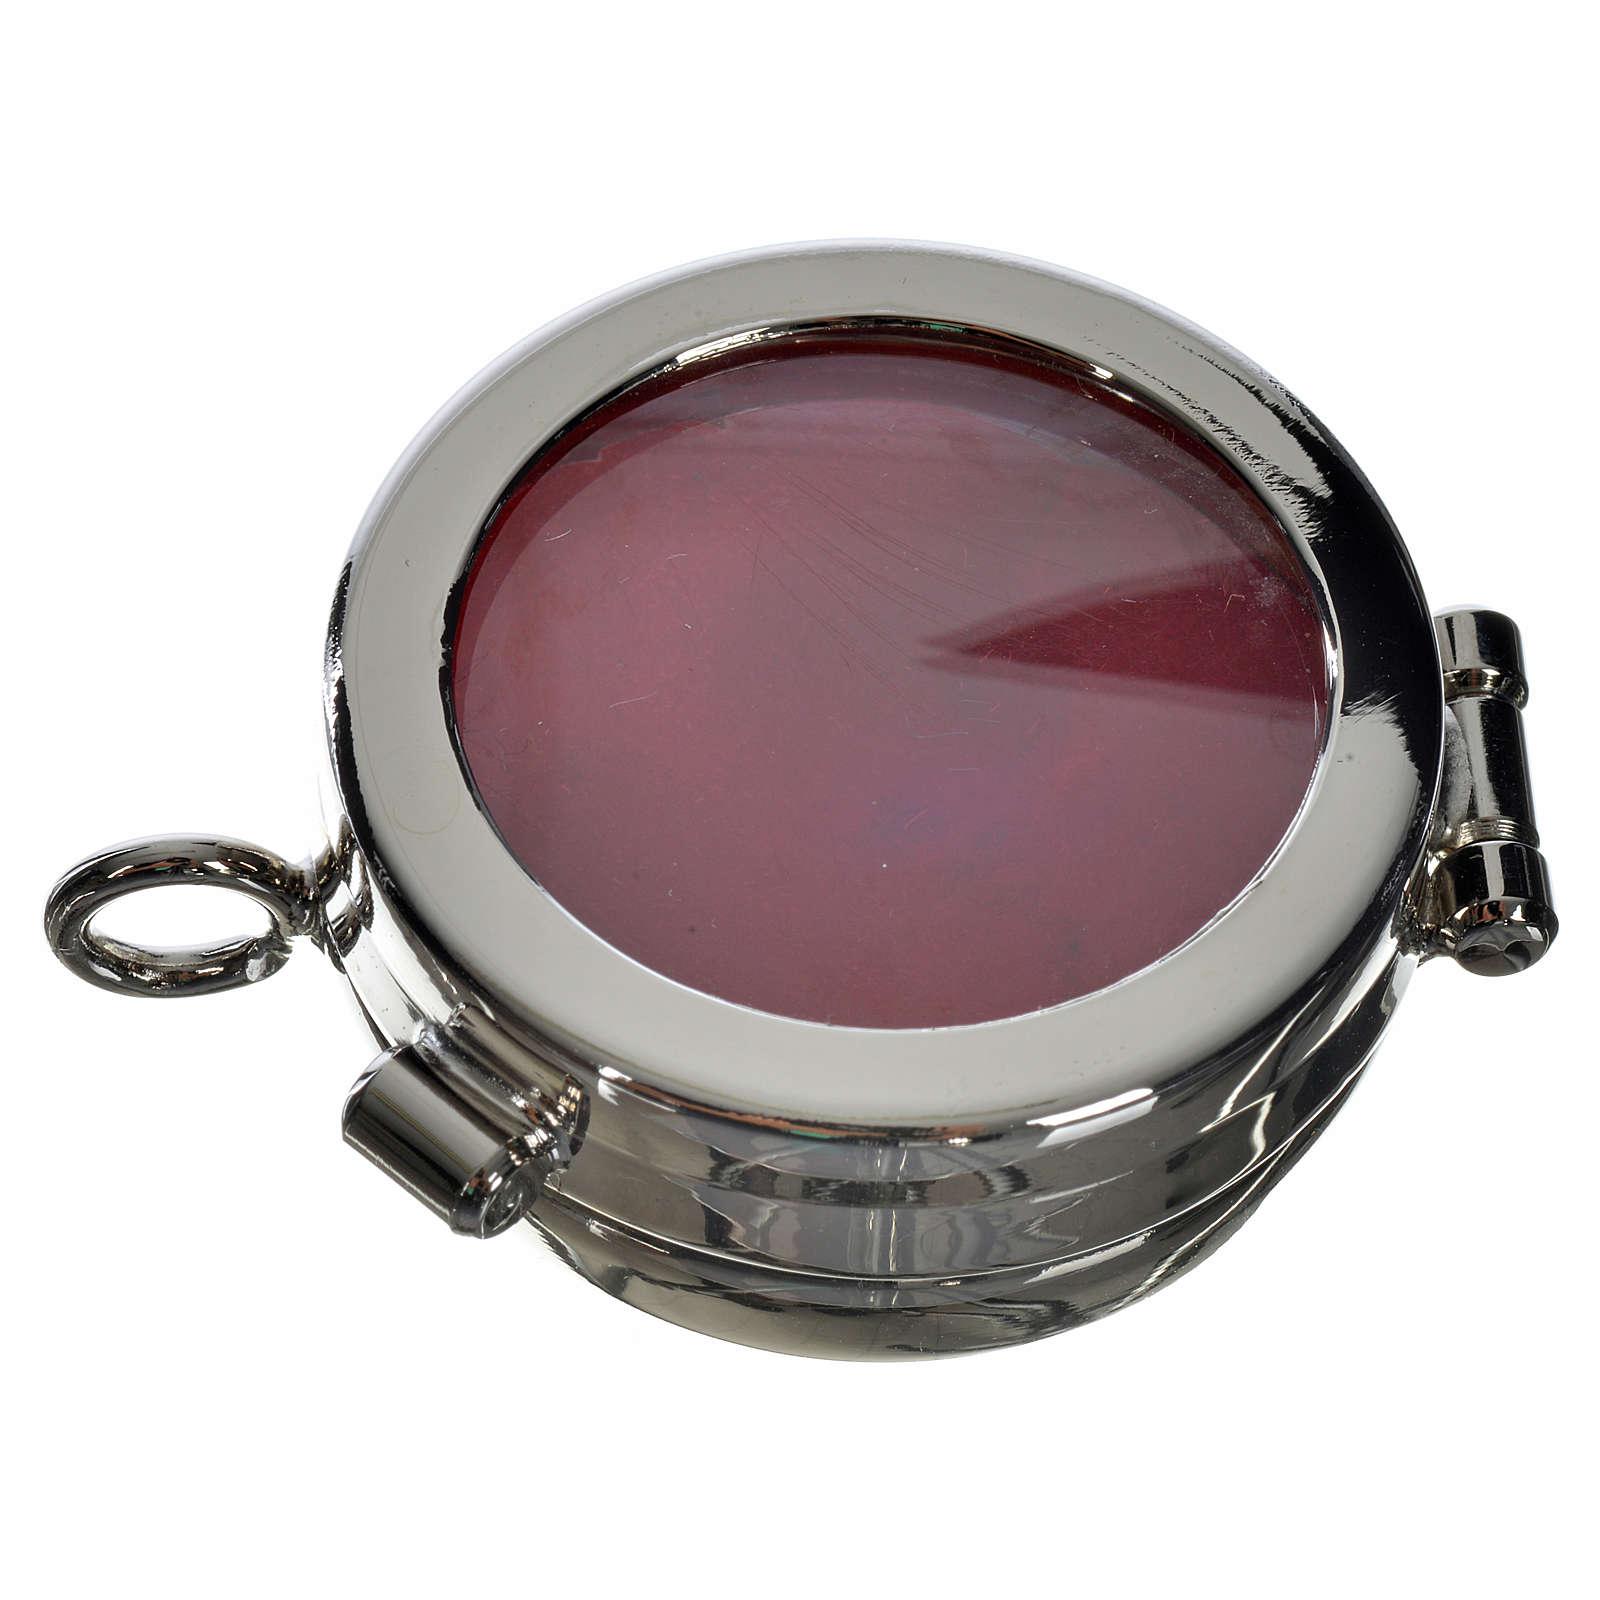 Relicario latón plateado 3,5 cm diámetro 4